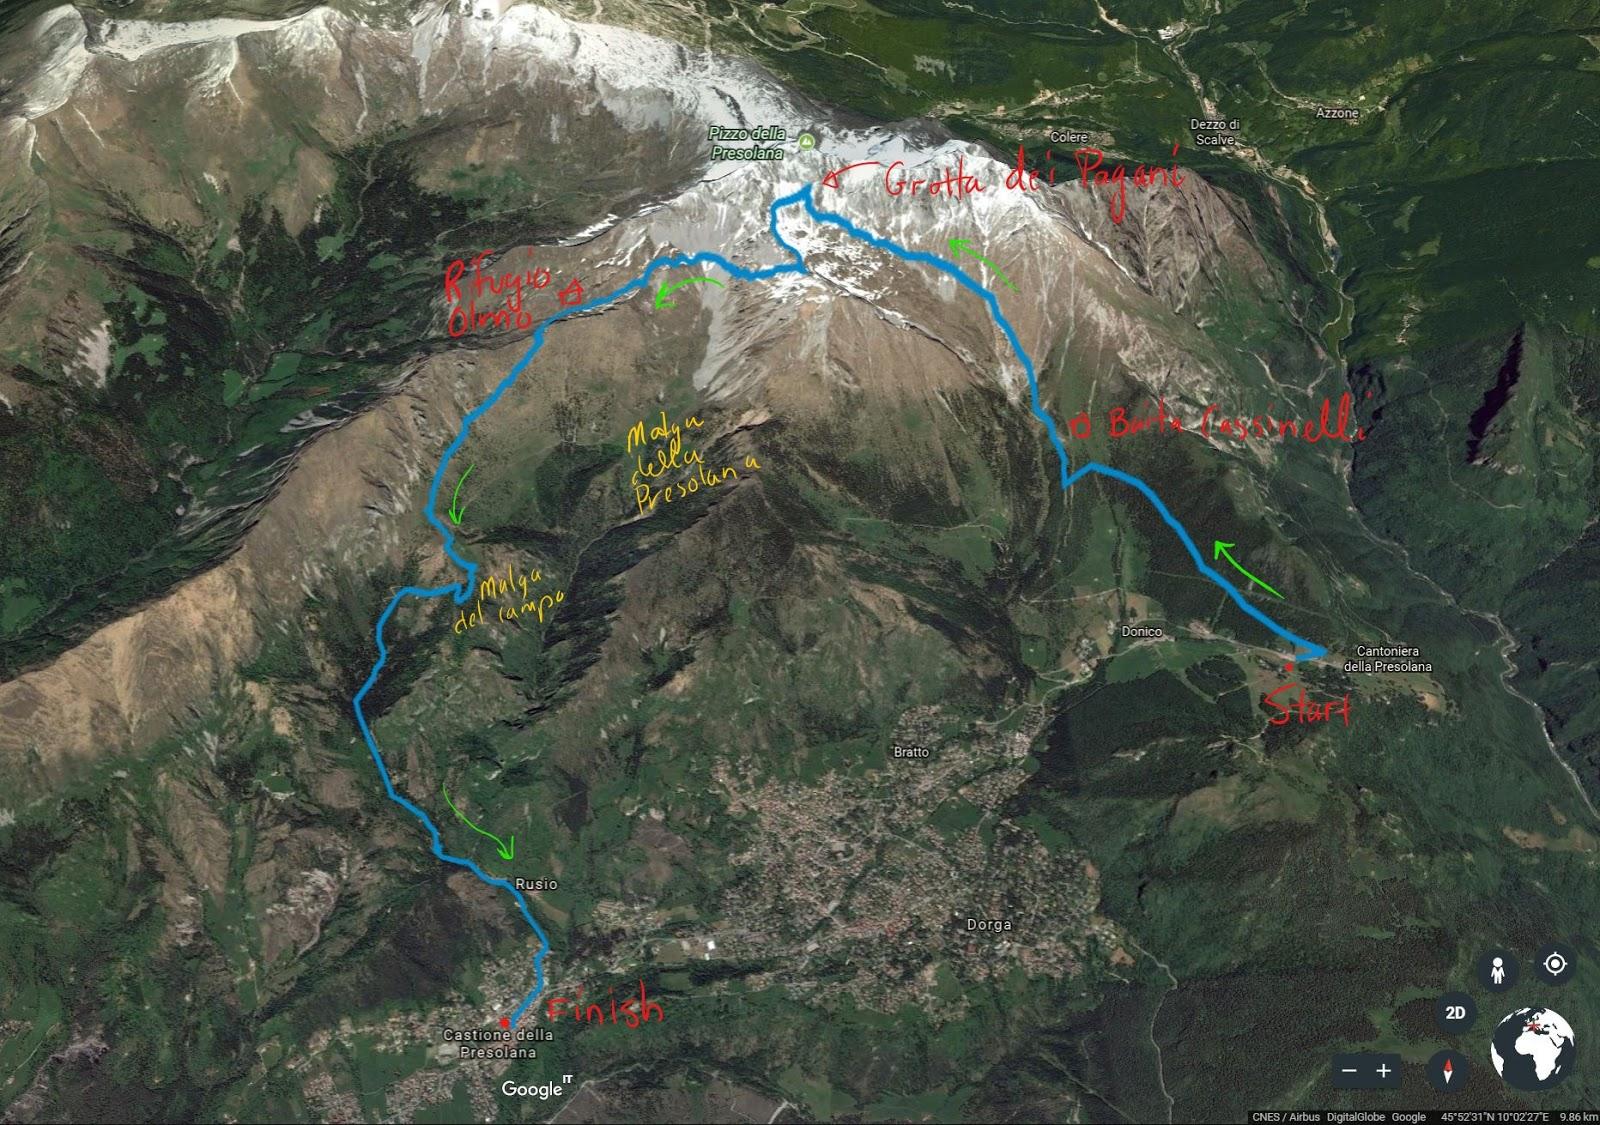 A Hike from Passo Presolana to Rifugio Rino Olmo to Castione della Presolana